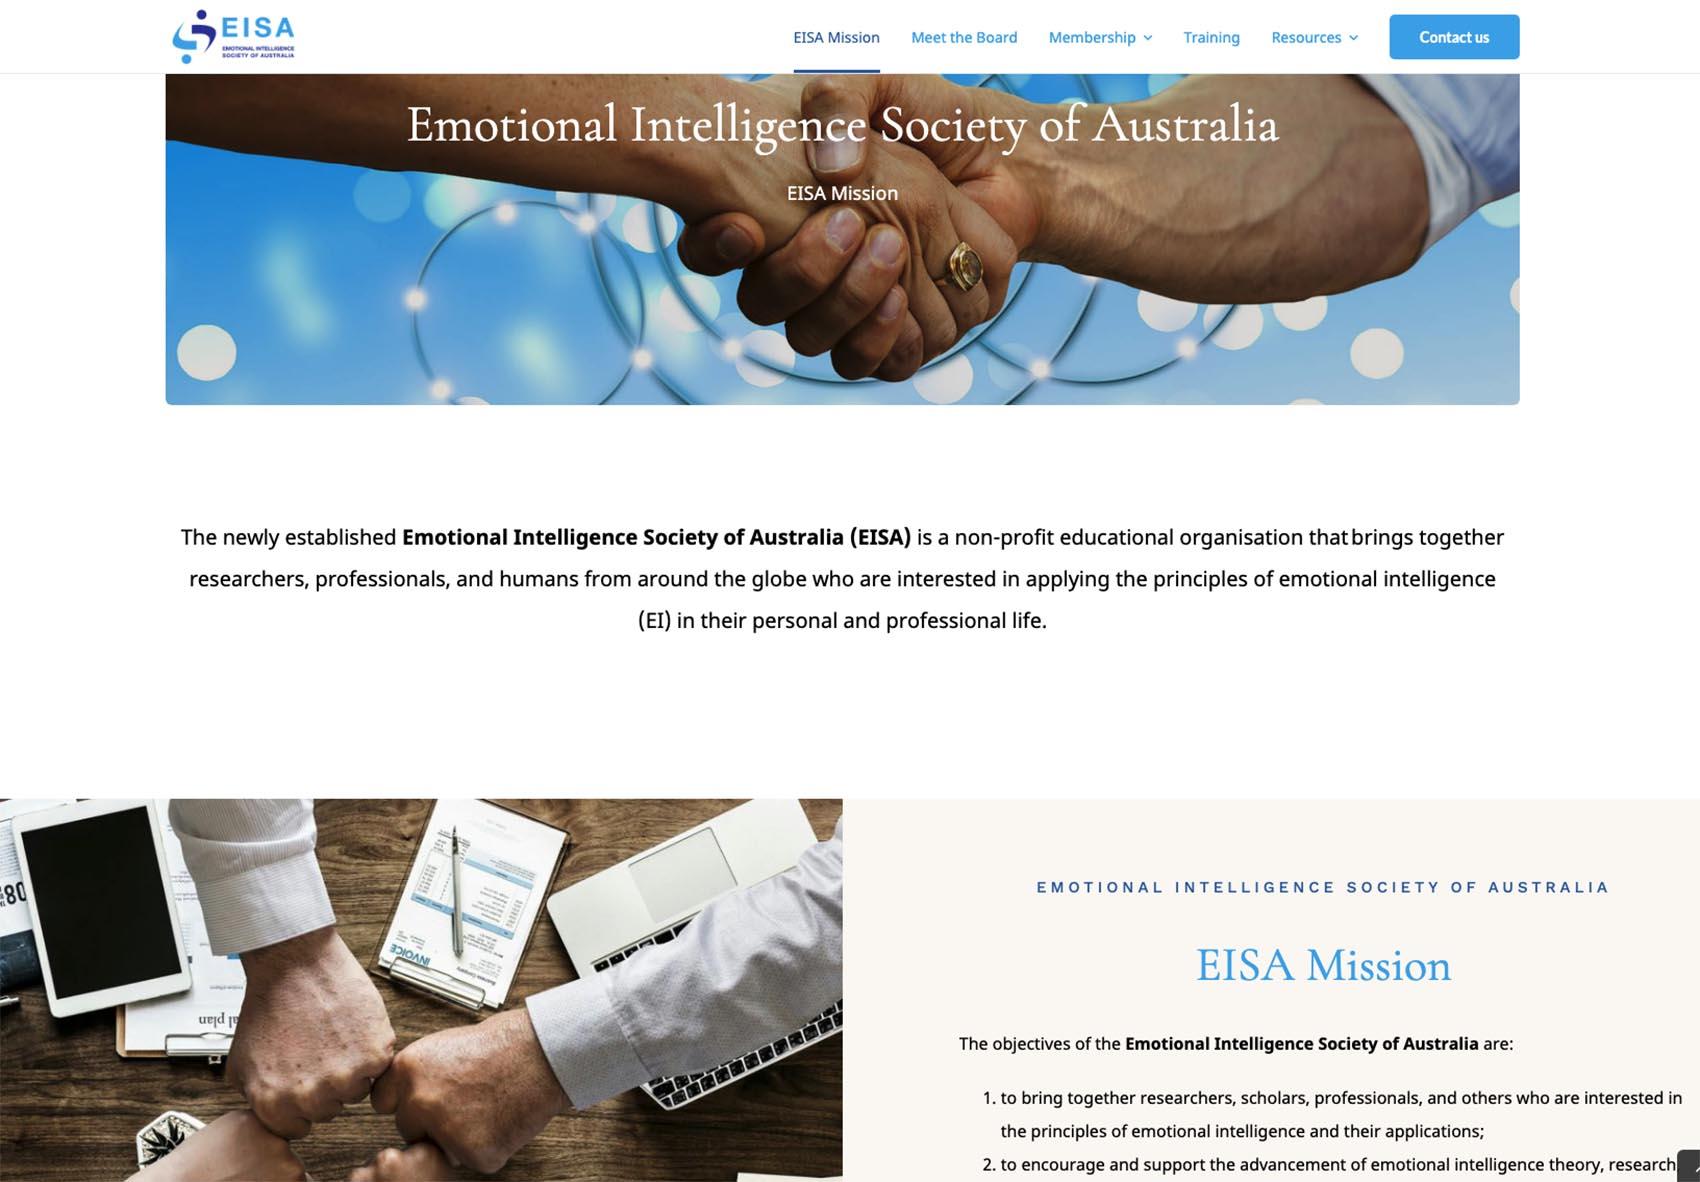 EISA Website Designh samples